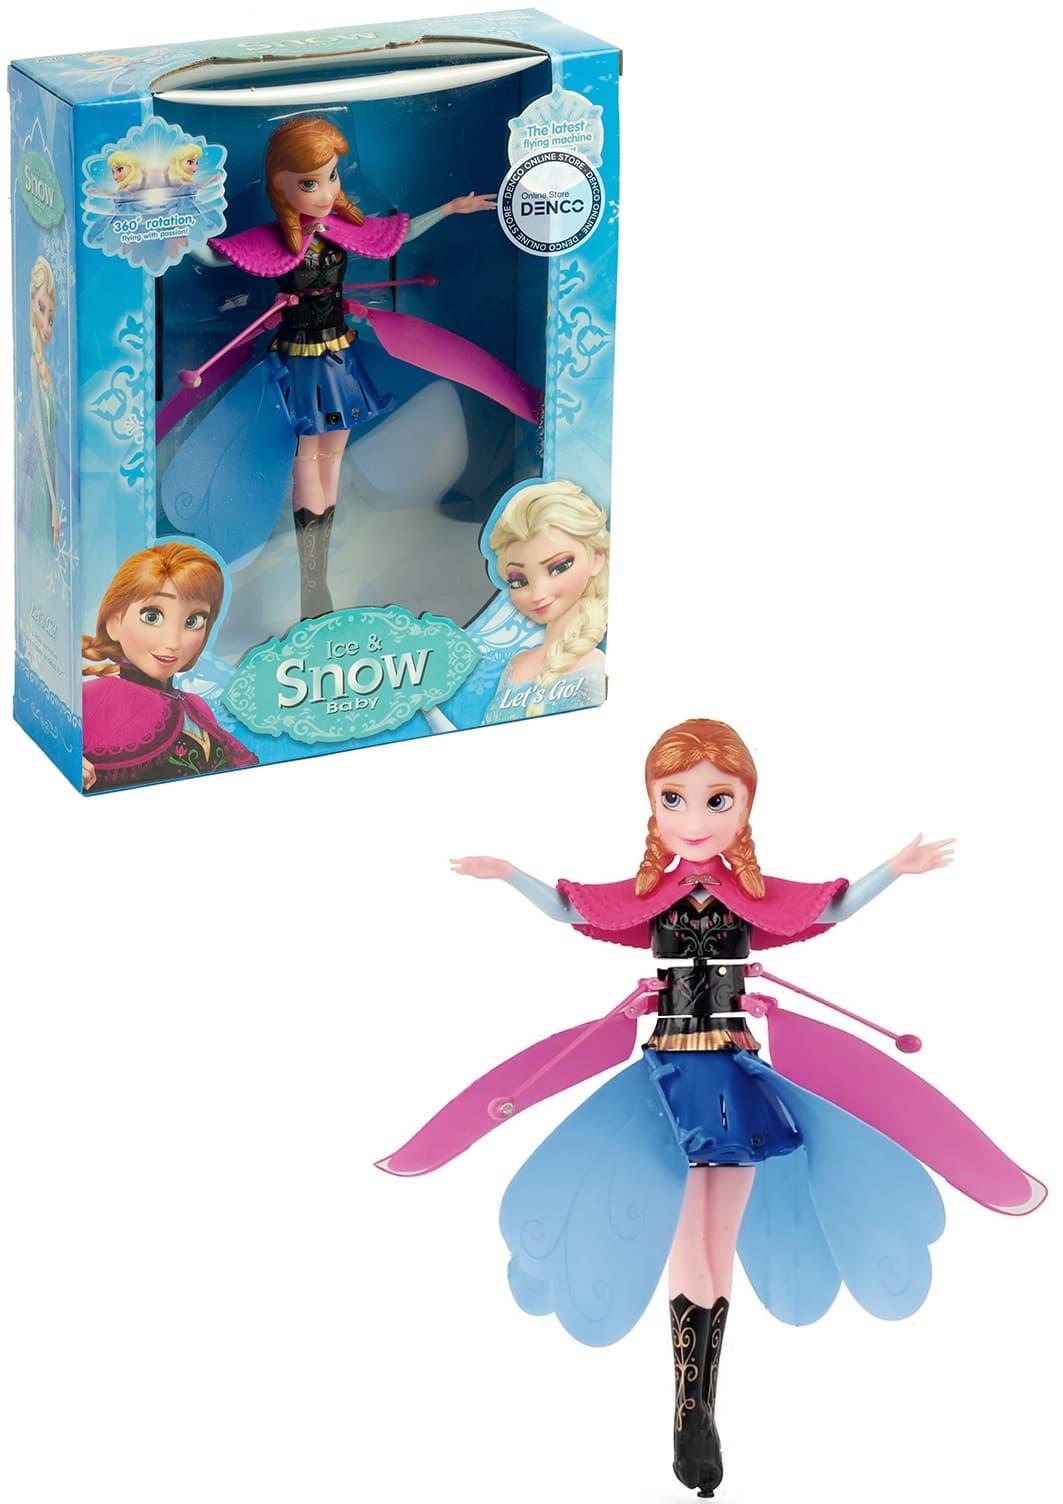 Летающая кукла Холодное сердце Анна с зарядным устройством QY66-R03V